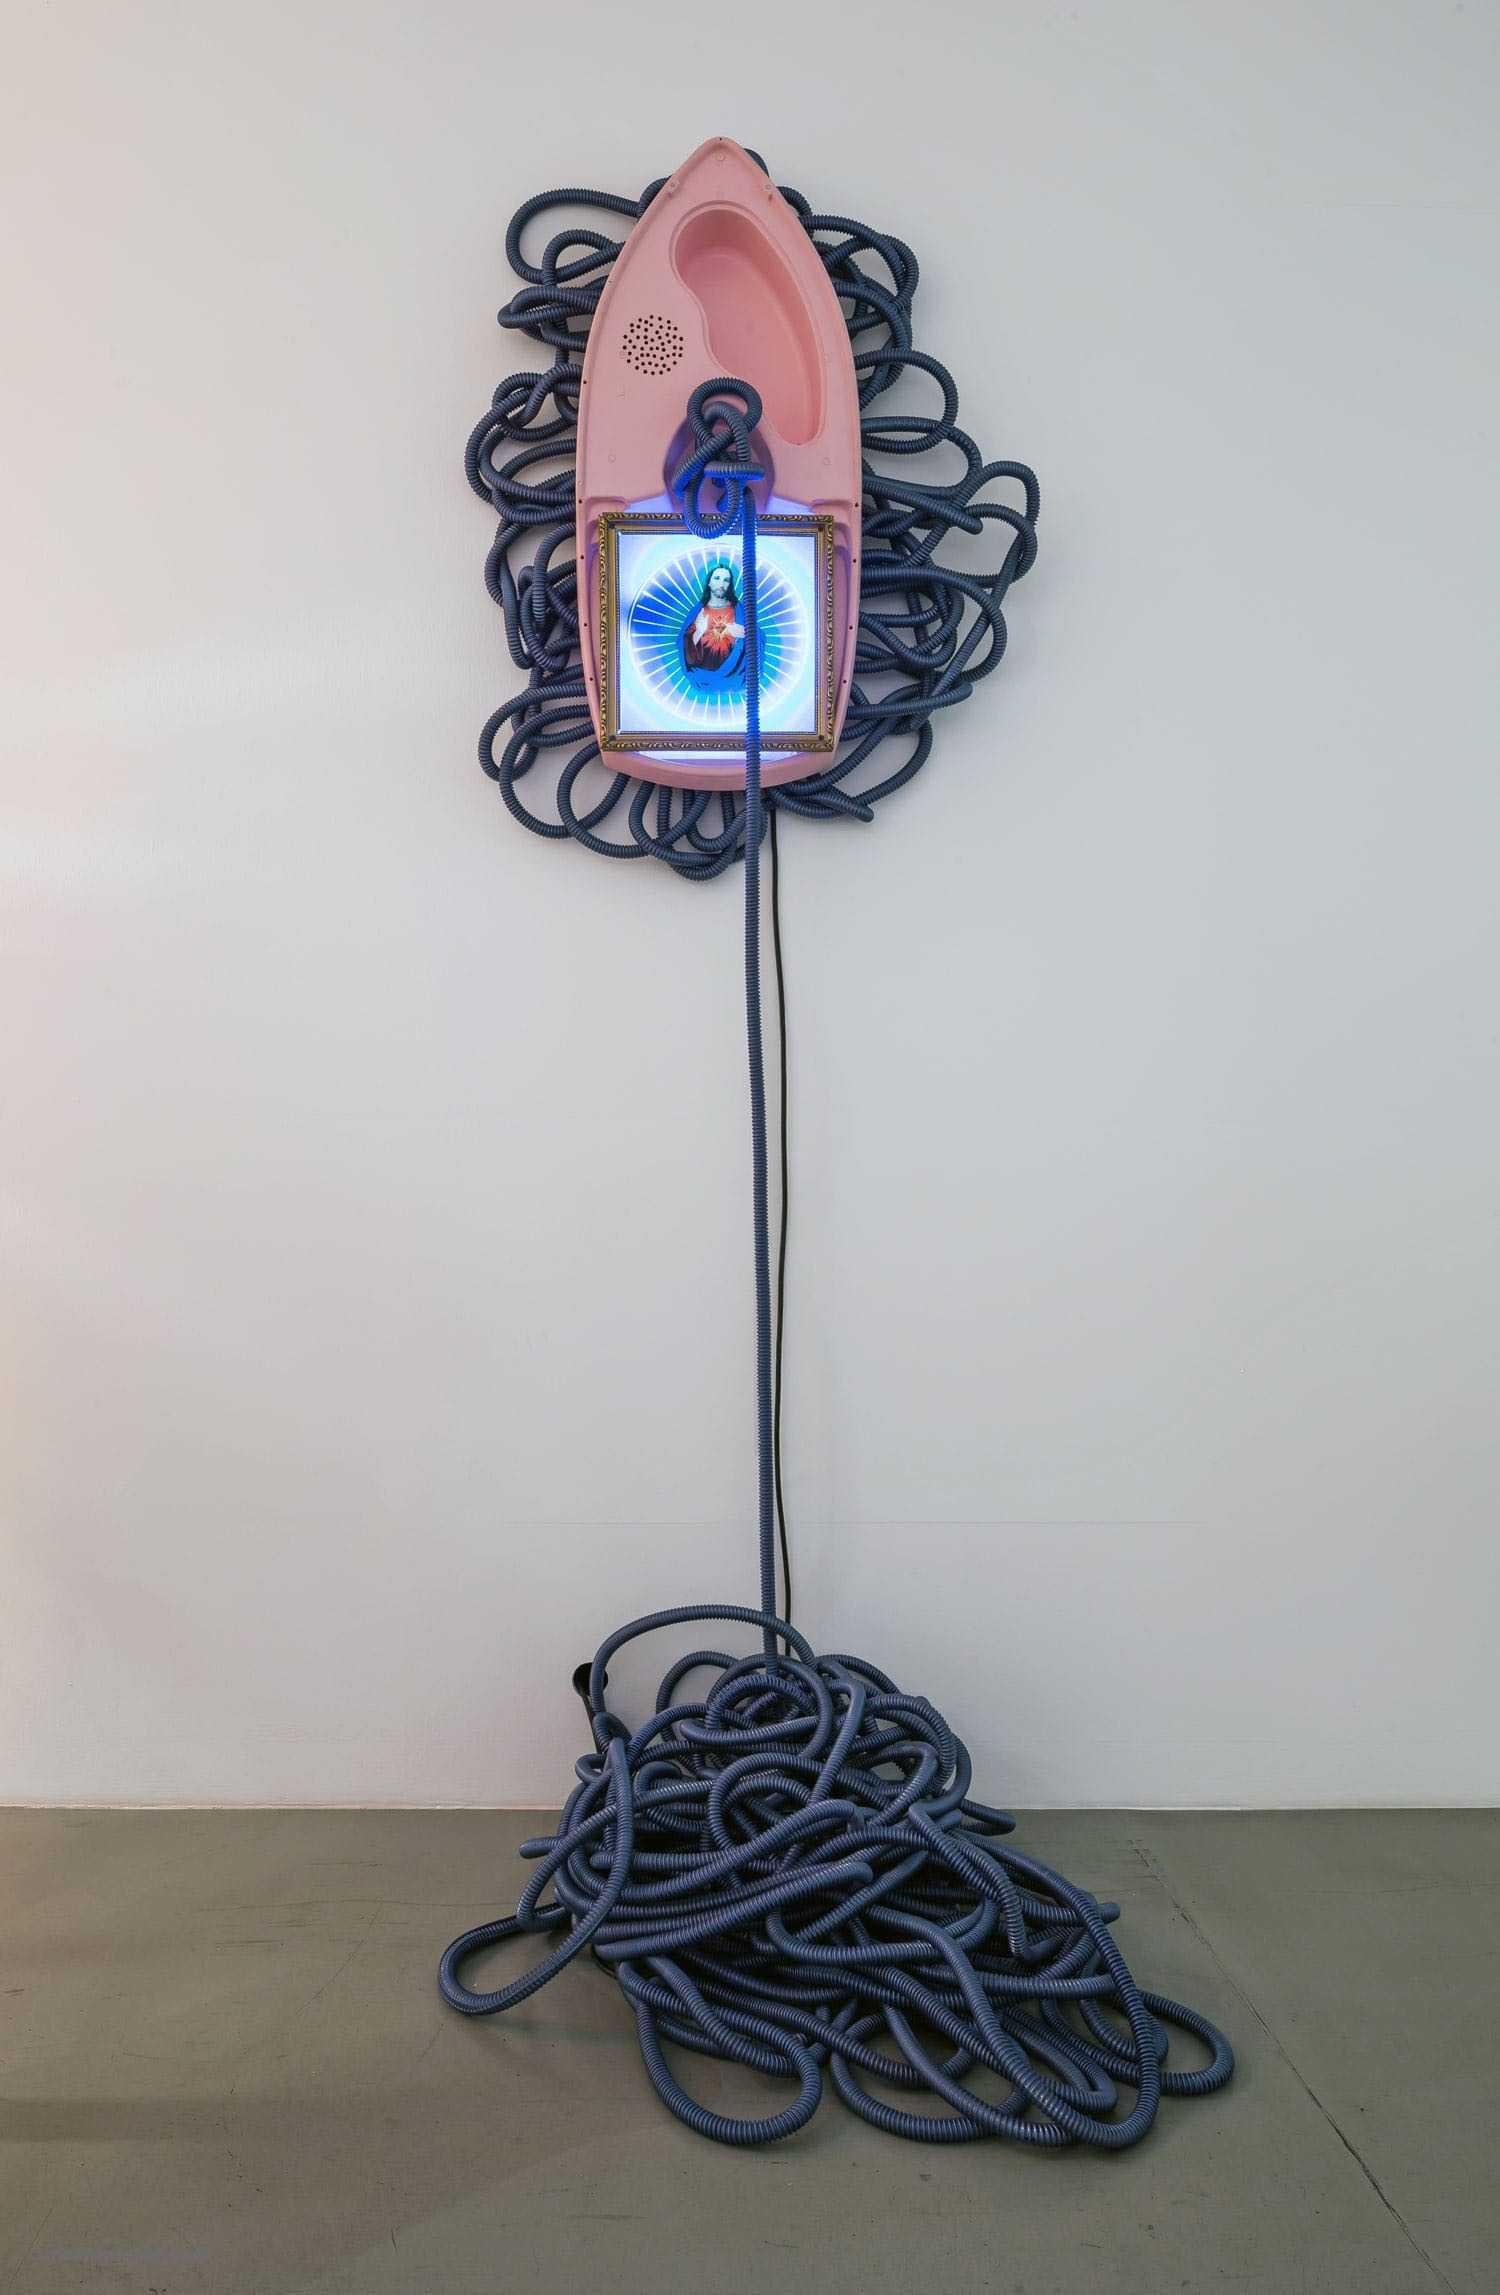 Urban-Hueter-Loveboat_Galerie_Schultz_Anthropogenic_2014